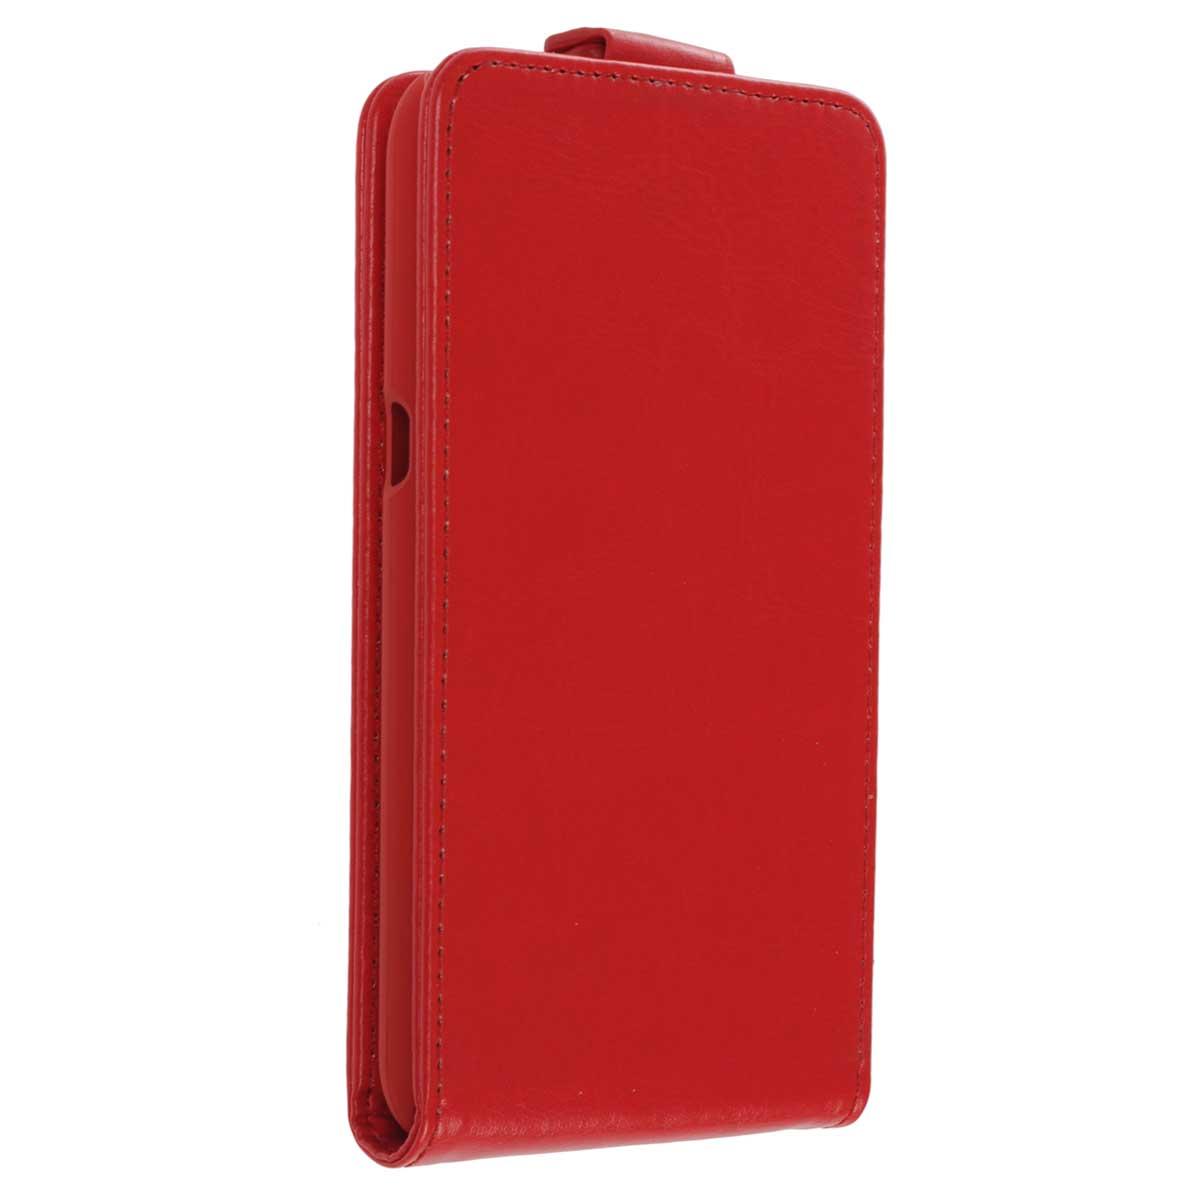 Skinbox Flip Case чехол для Sony Xperia E4g, RedT-F-SXE4GЧехол Skinbox Flip Case для Sony Xperia E4g выполнен из высококачественного поликарбоната и экокожи. Он обеспечивает надежную защиту корпуса и экрана смартфона и надолго сохраняет его привлекательный внешний вид. Чехол также обеспечивает свободный доступ ко всем разъемам и клавишам устройства.